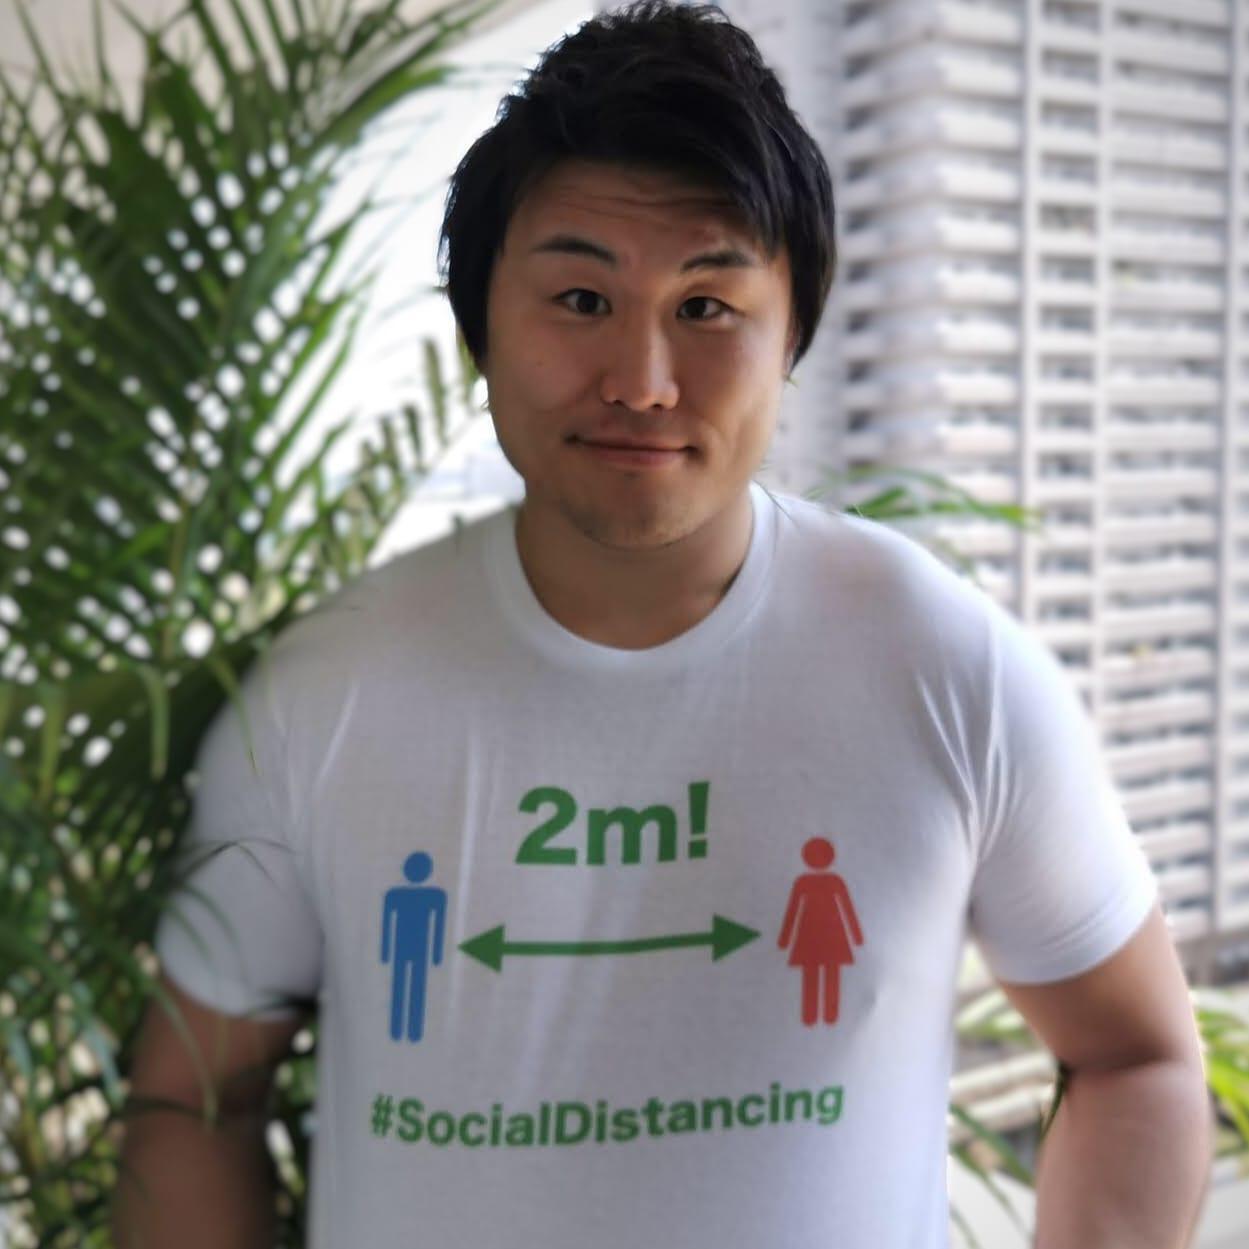 『ソーシャルディスタンシング』Tシャツ募金